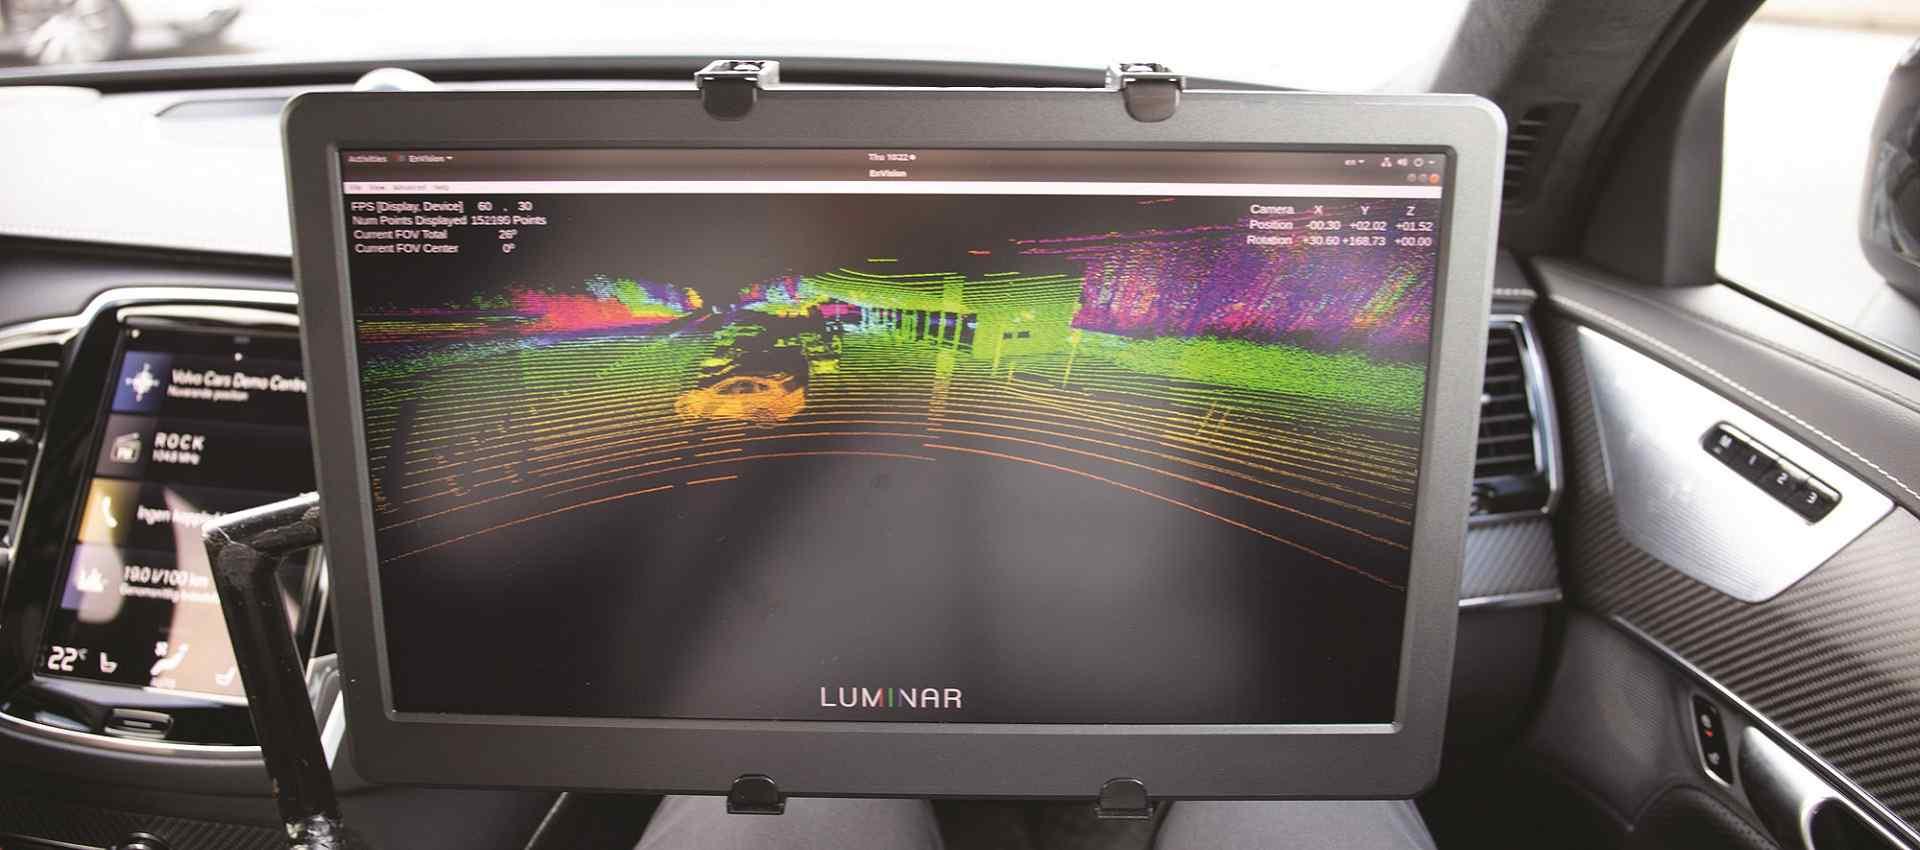 """המערכת בפעולה. מסייעת למכוניות אוטונומיות """"לראות את הסביבה"""". צילום: Luminar"""